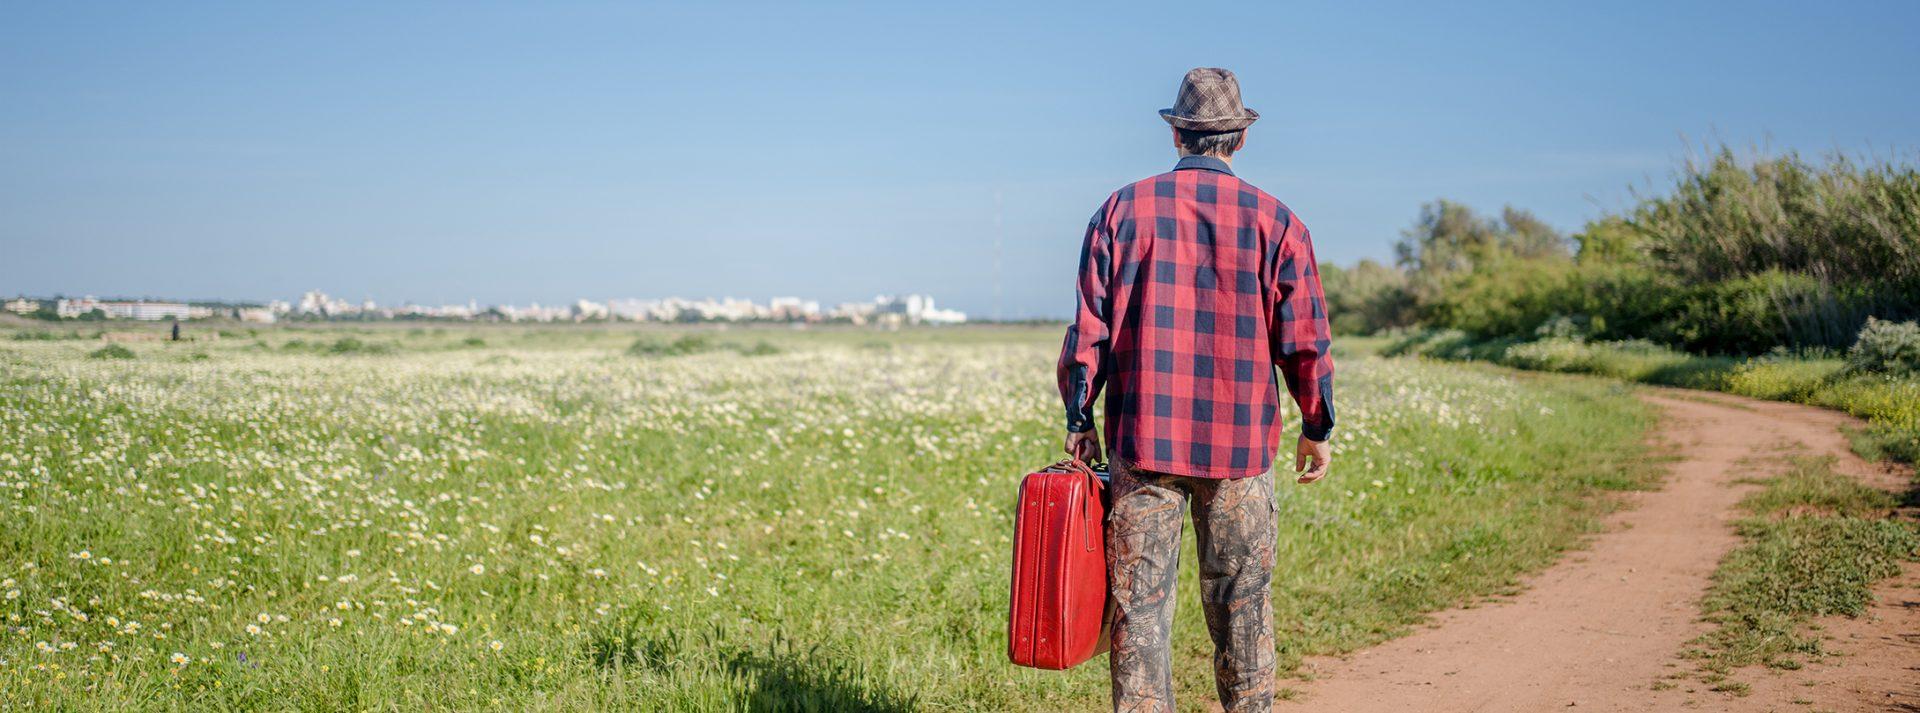 גבר עובר מהכפר לעיר